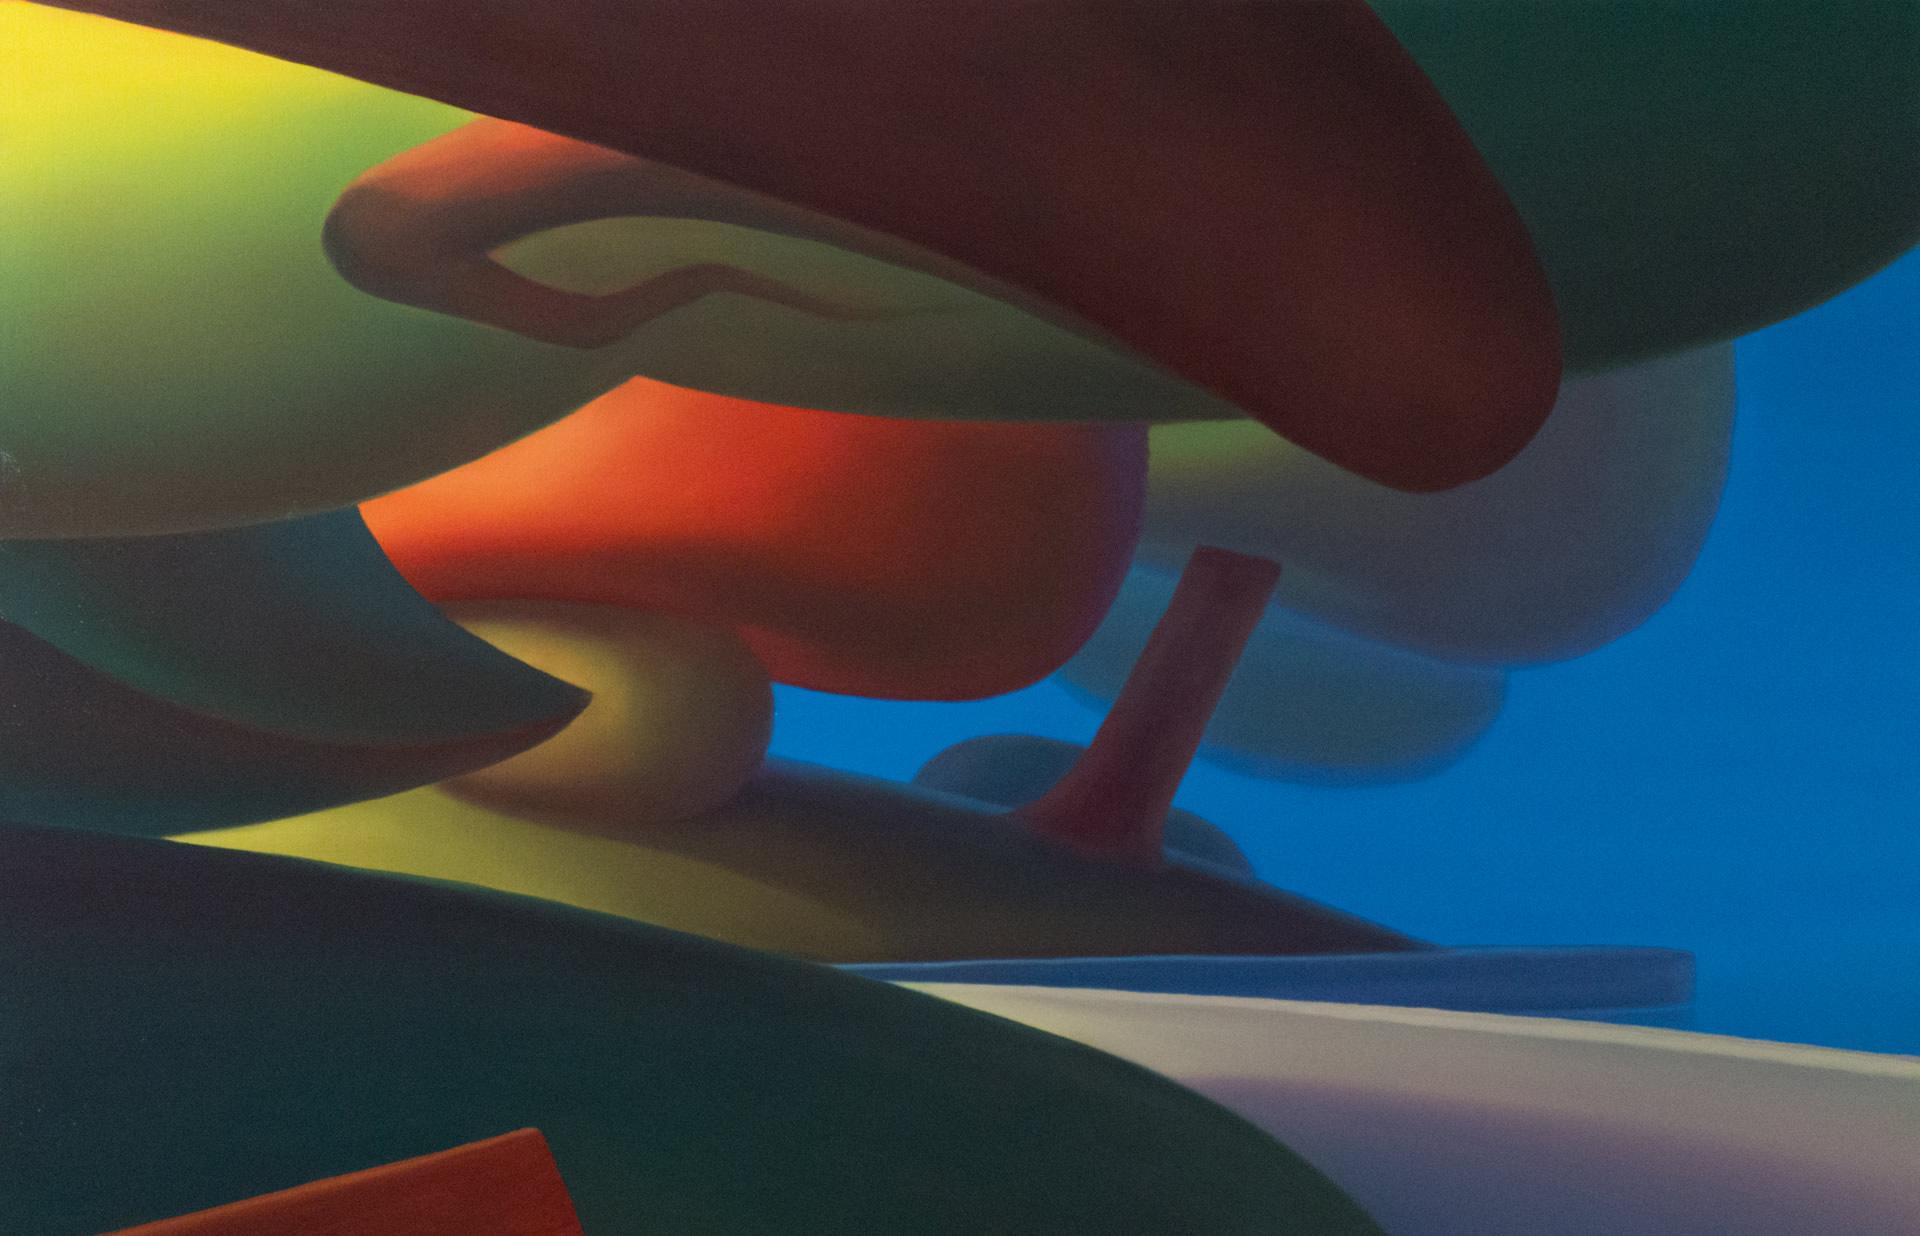 Tim-Fraser-Passage-Online-Art-Galleries